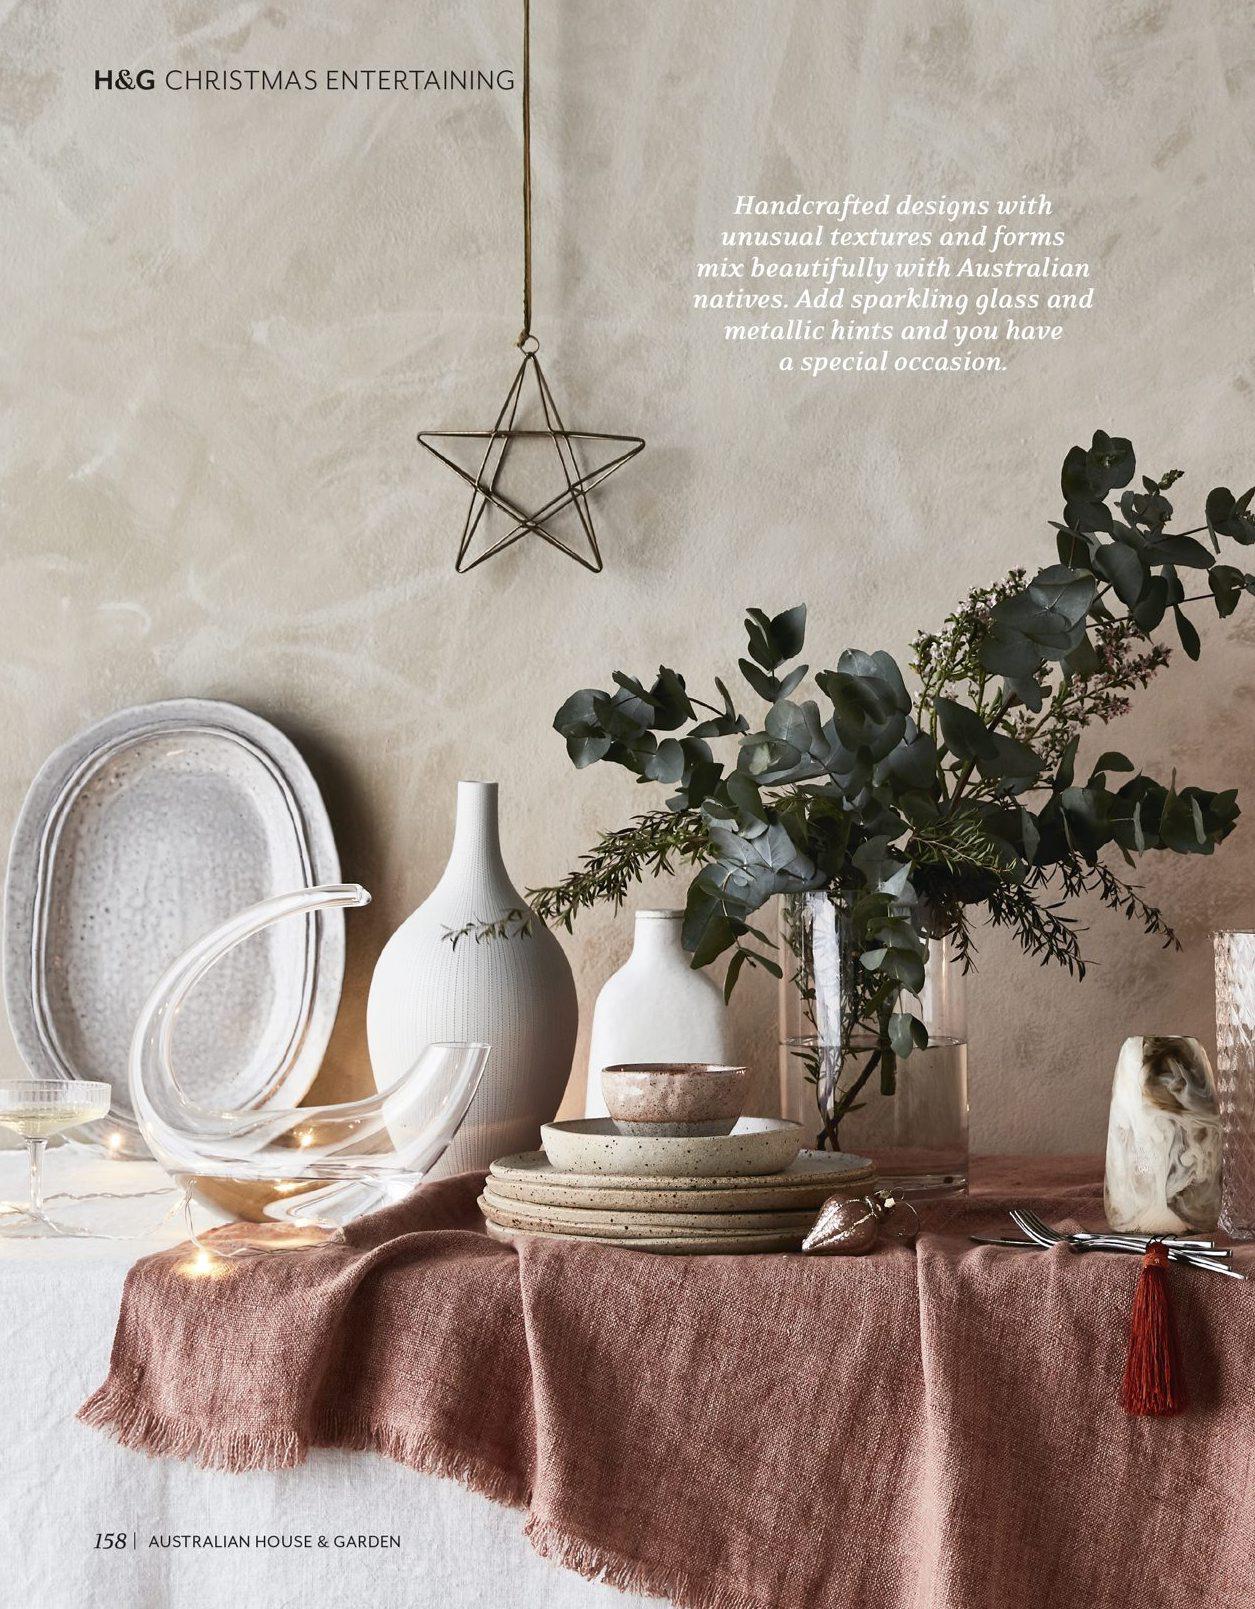 Featured in House & Garden magazine